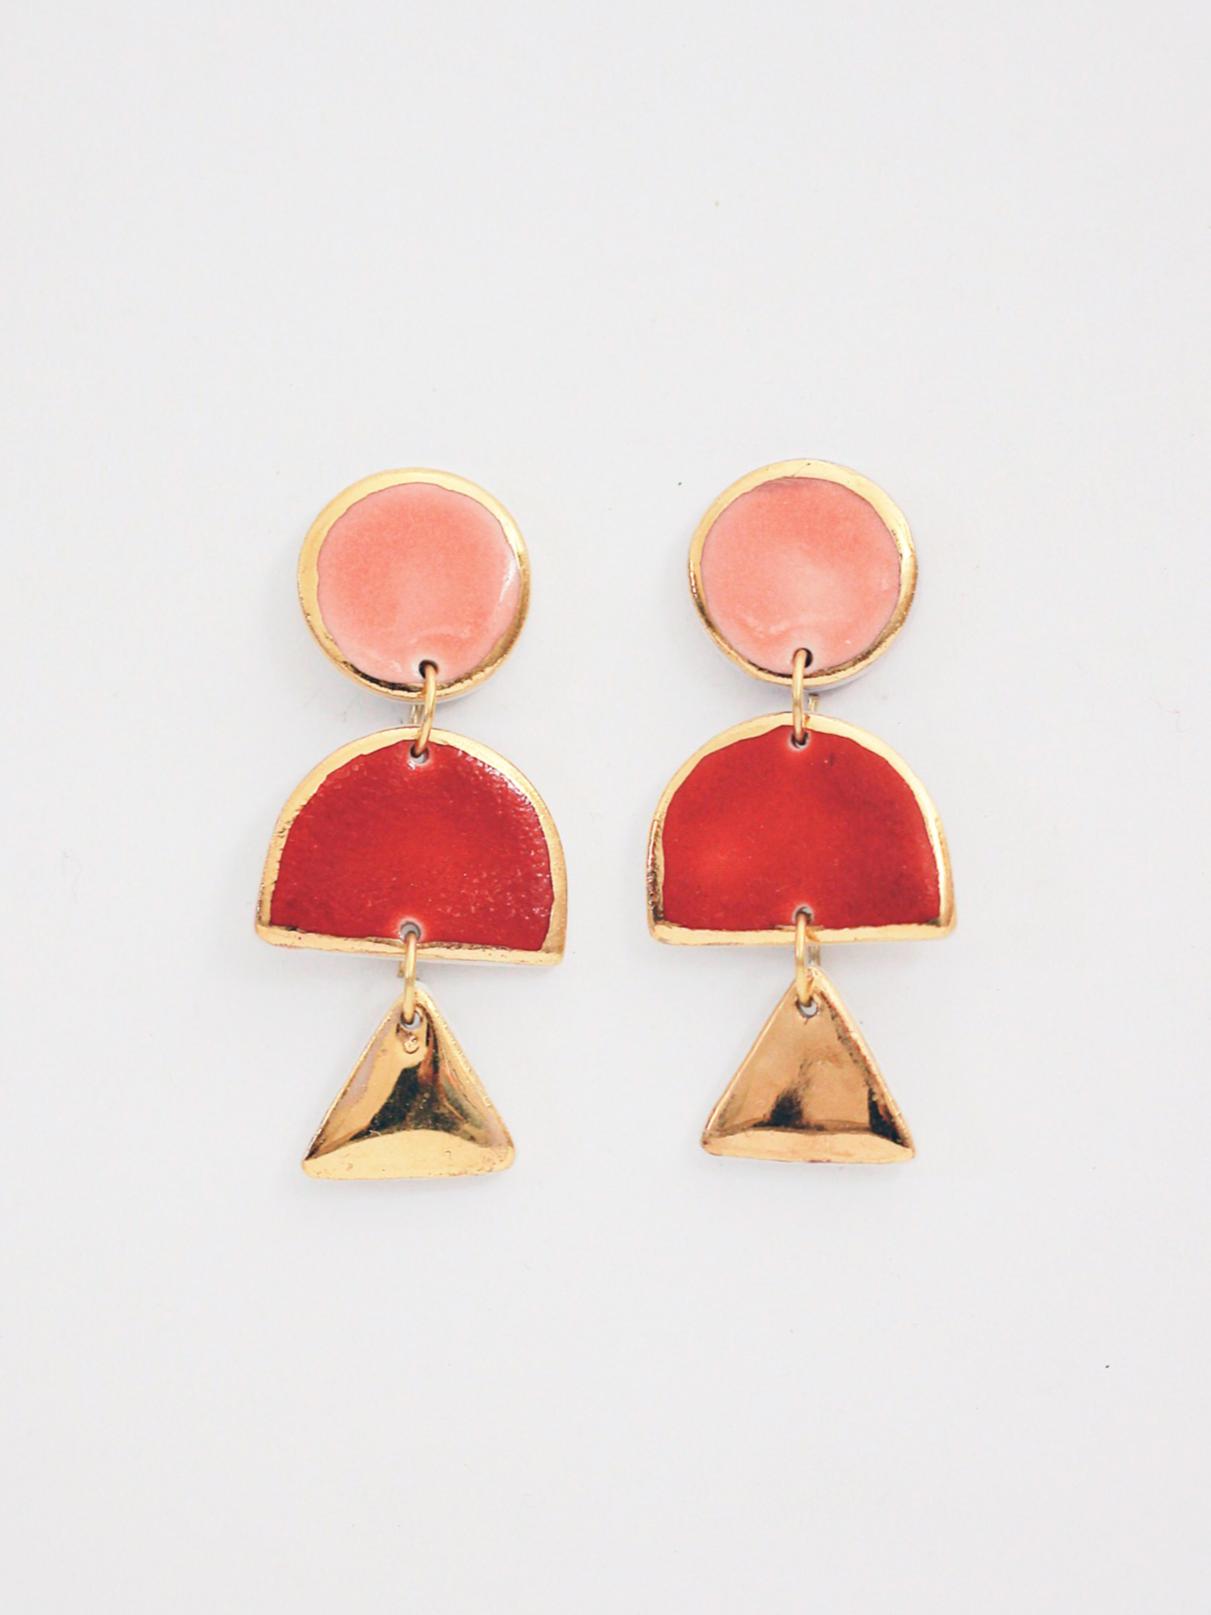 Красные серьги Cosmicbead, рубиновые серьги, стильные украшения, купить серьги, оригинальный подарок подруге, геометрические серьги, стильные украшения